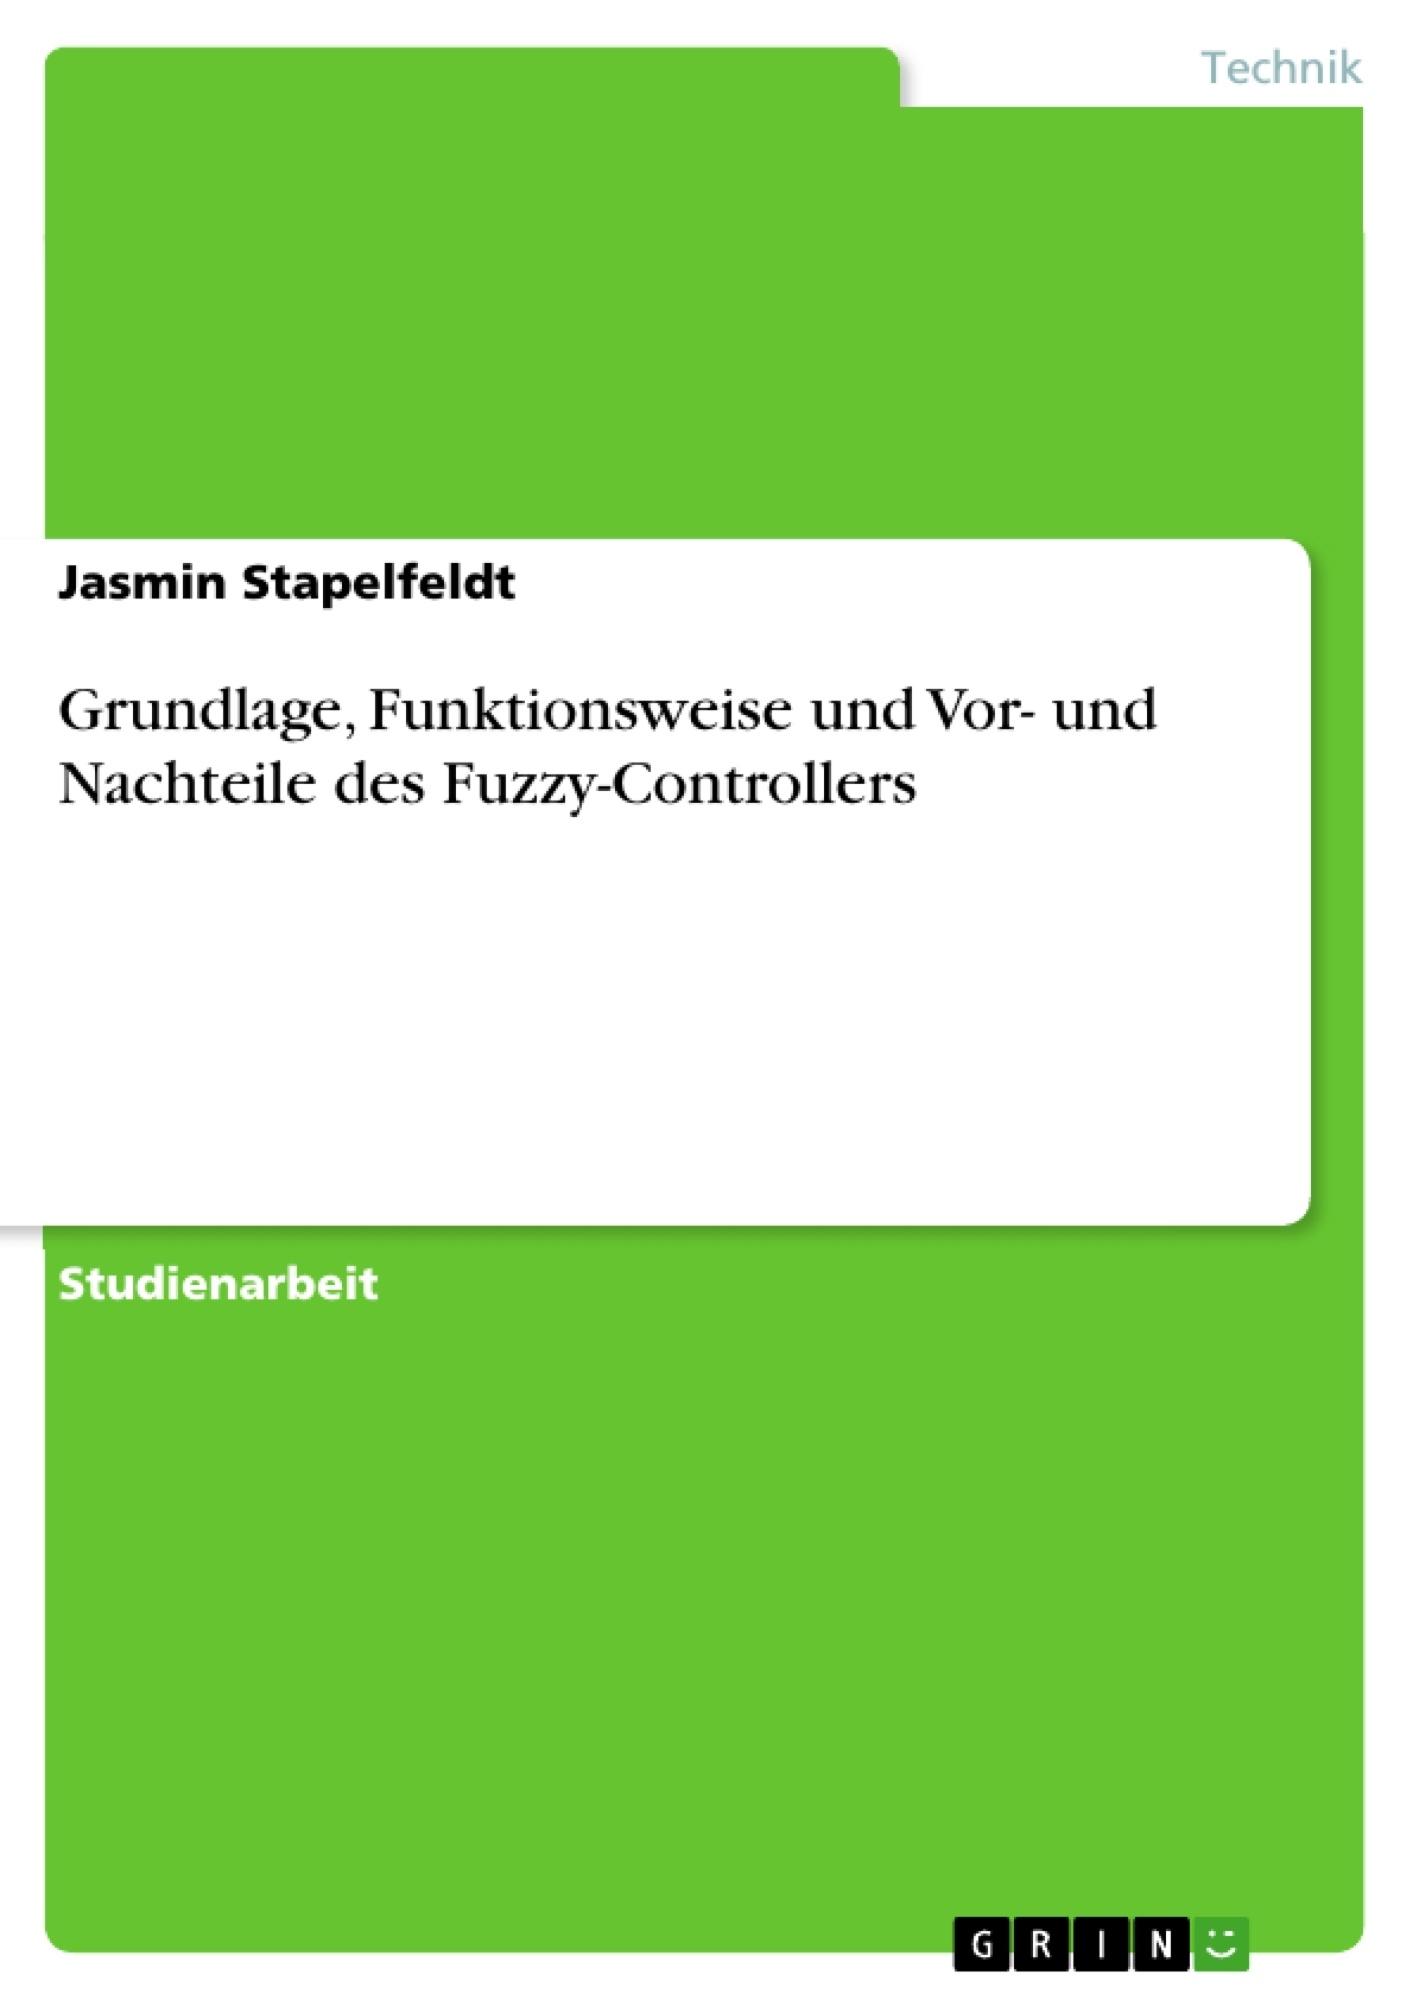 Titel: Grundlage, Funktionsweise und Vor- und Nachteile des Fuzzy-Controllers